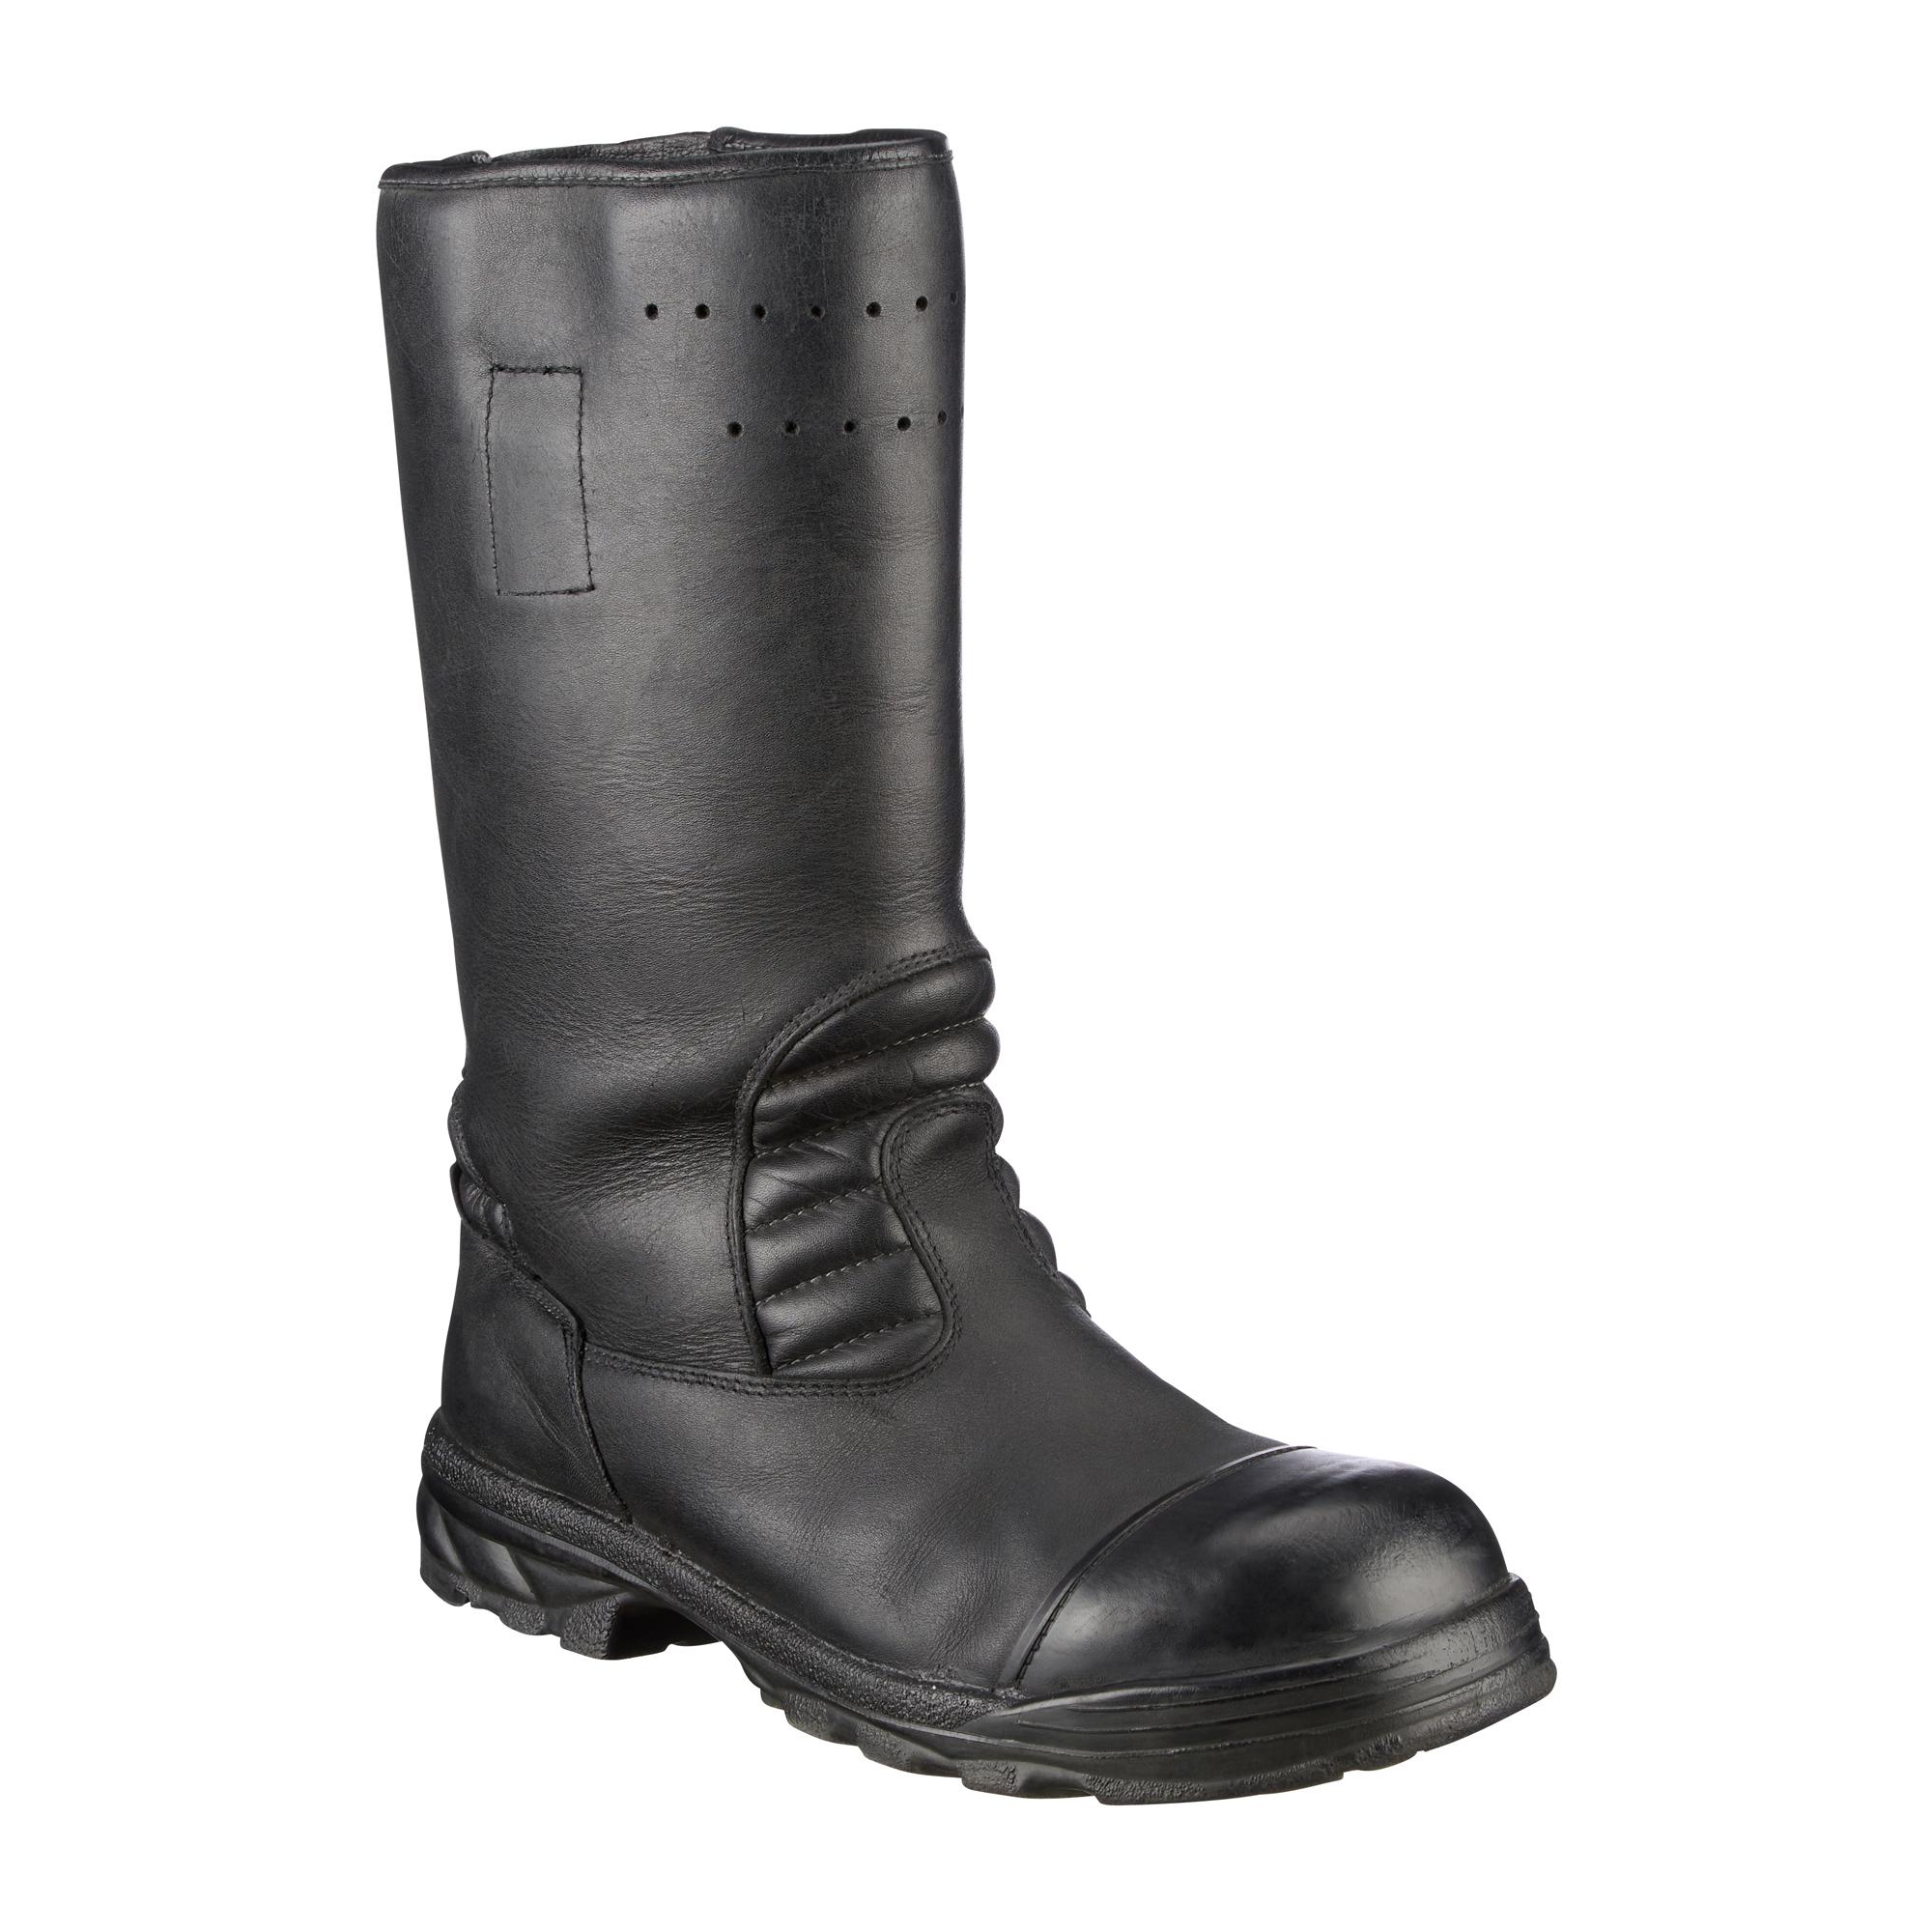 BW Feuerwehrstiefel Leder schwarz gebraucht